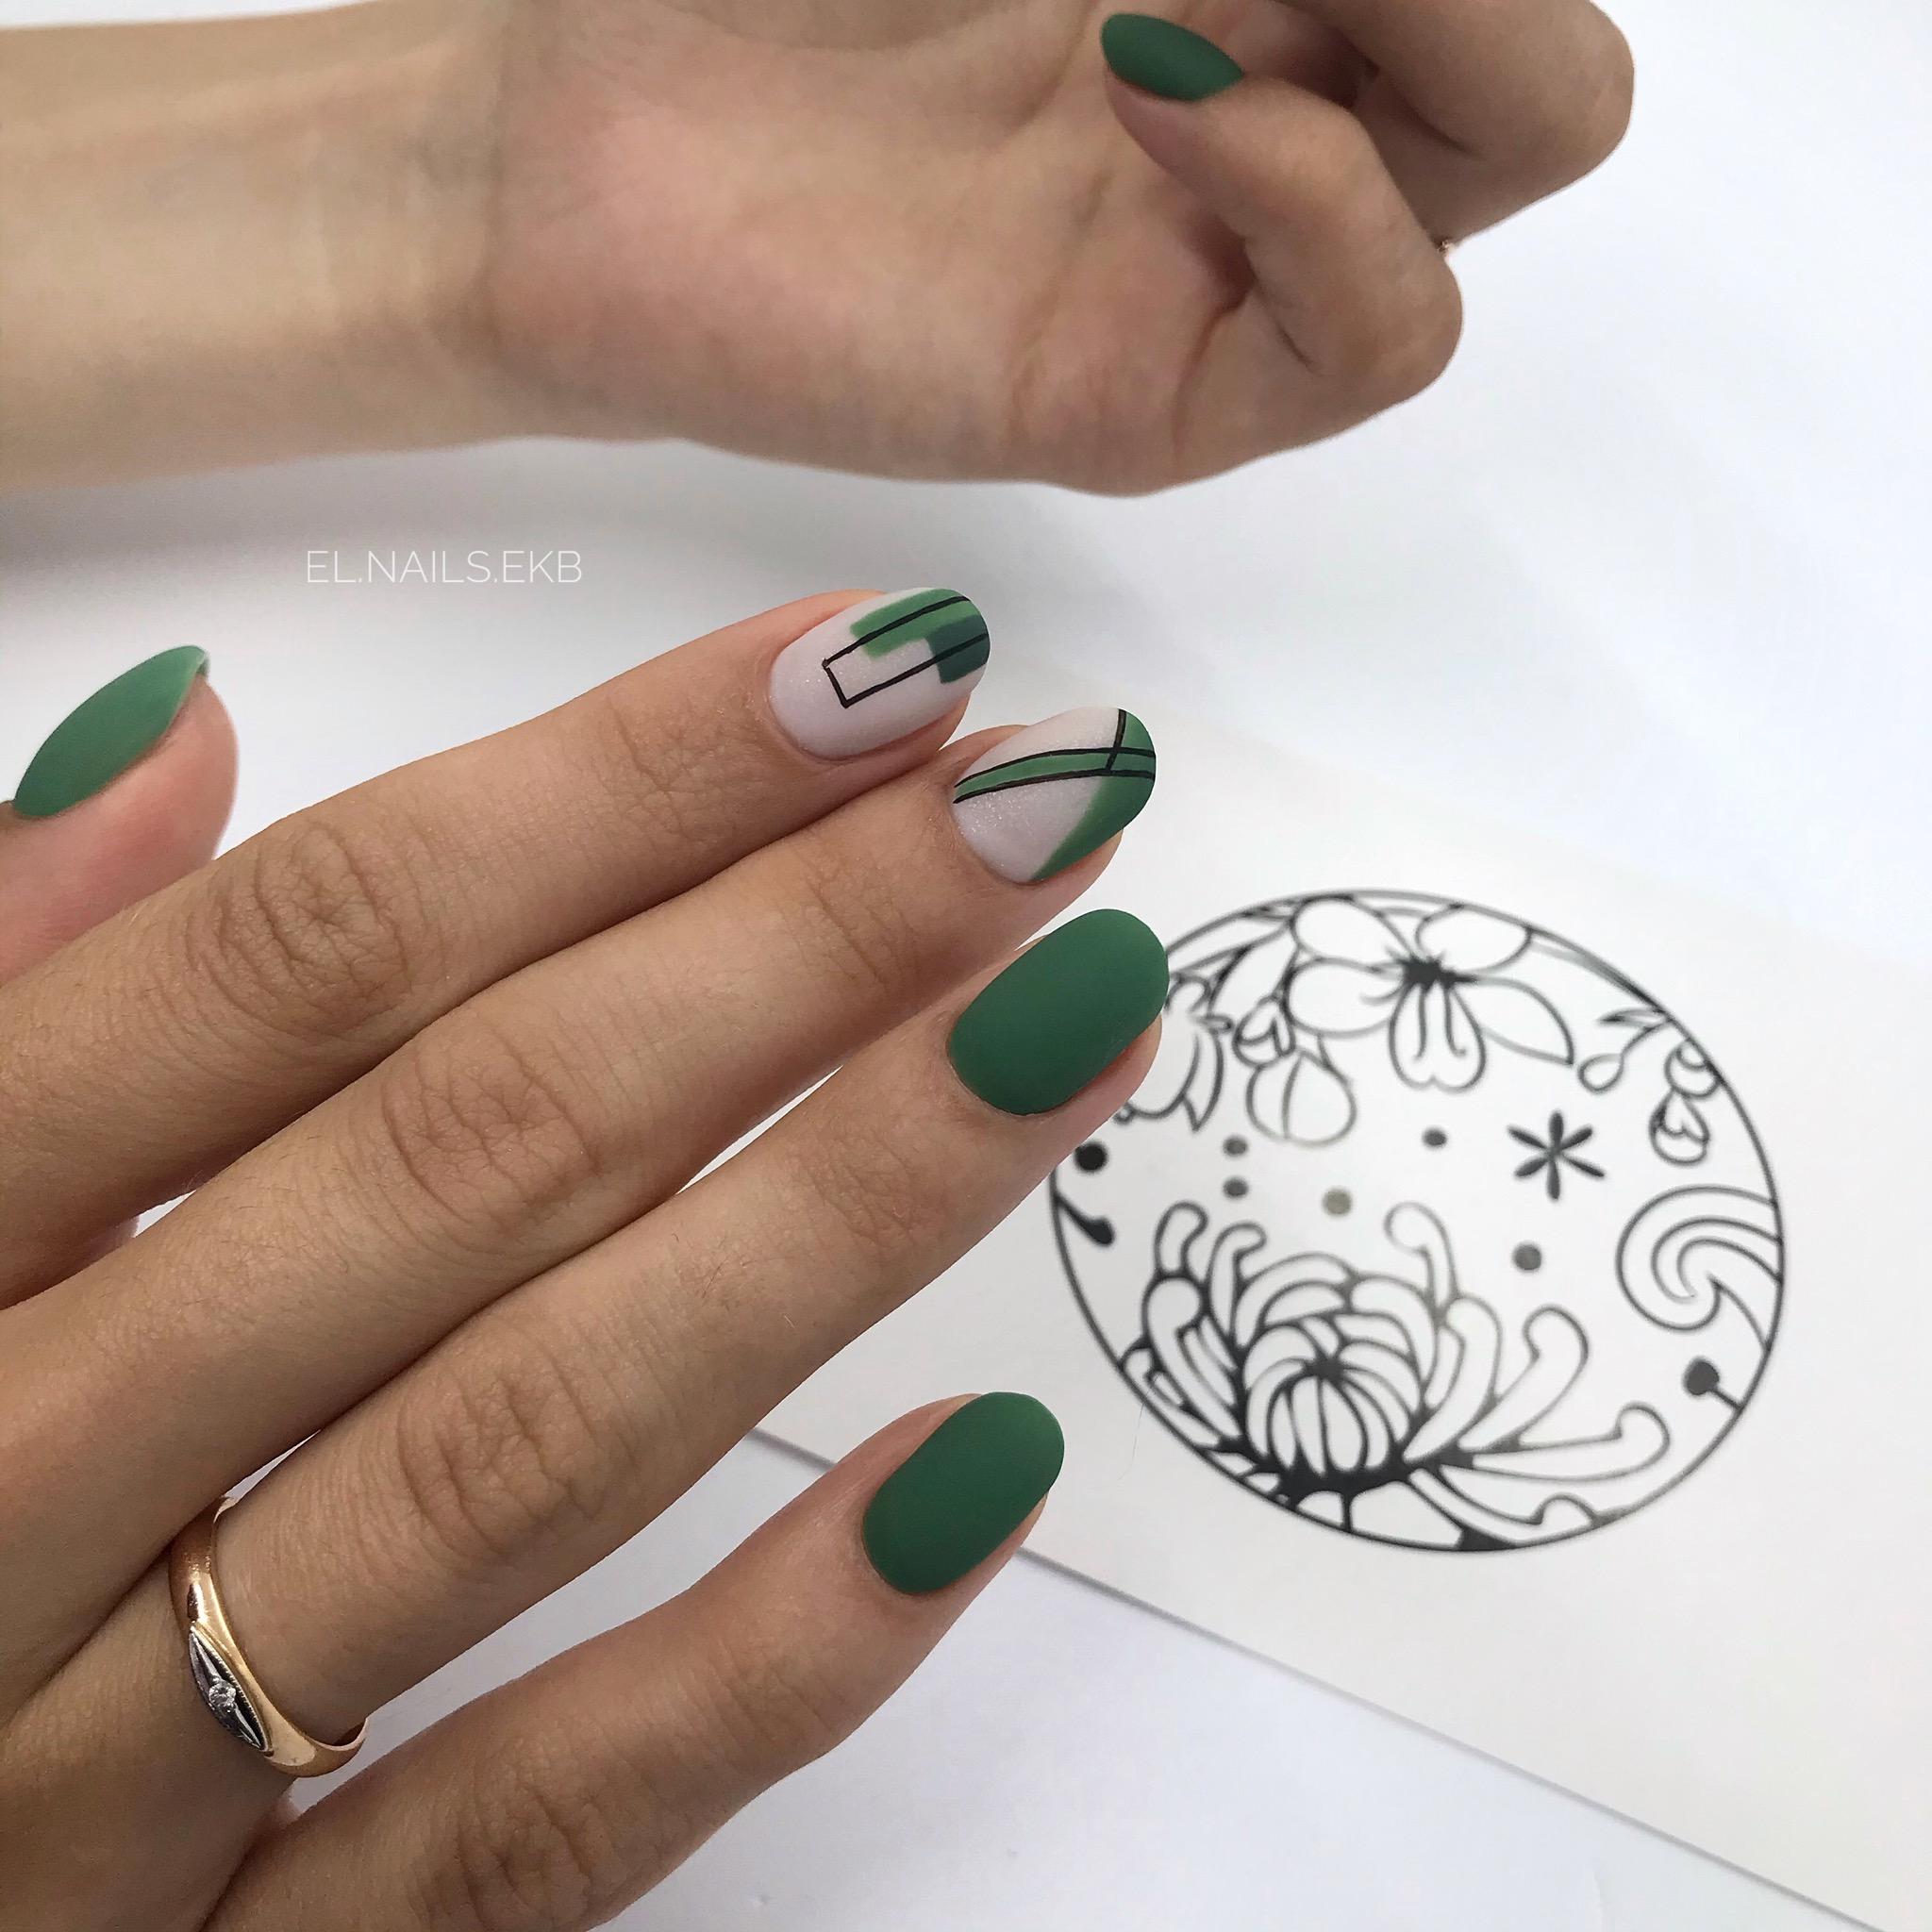 Геометрический матовый маникюр в зеленом цвете на короткие ногти.